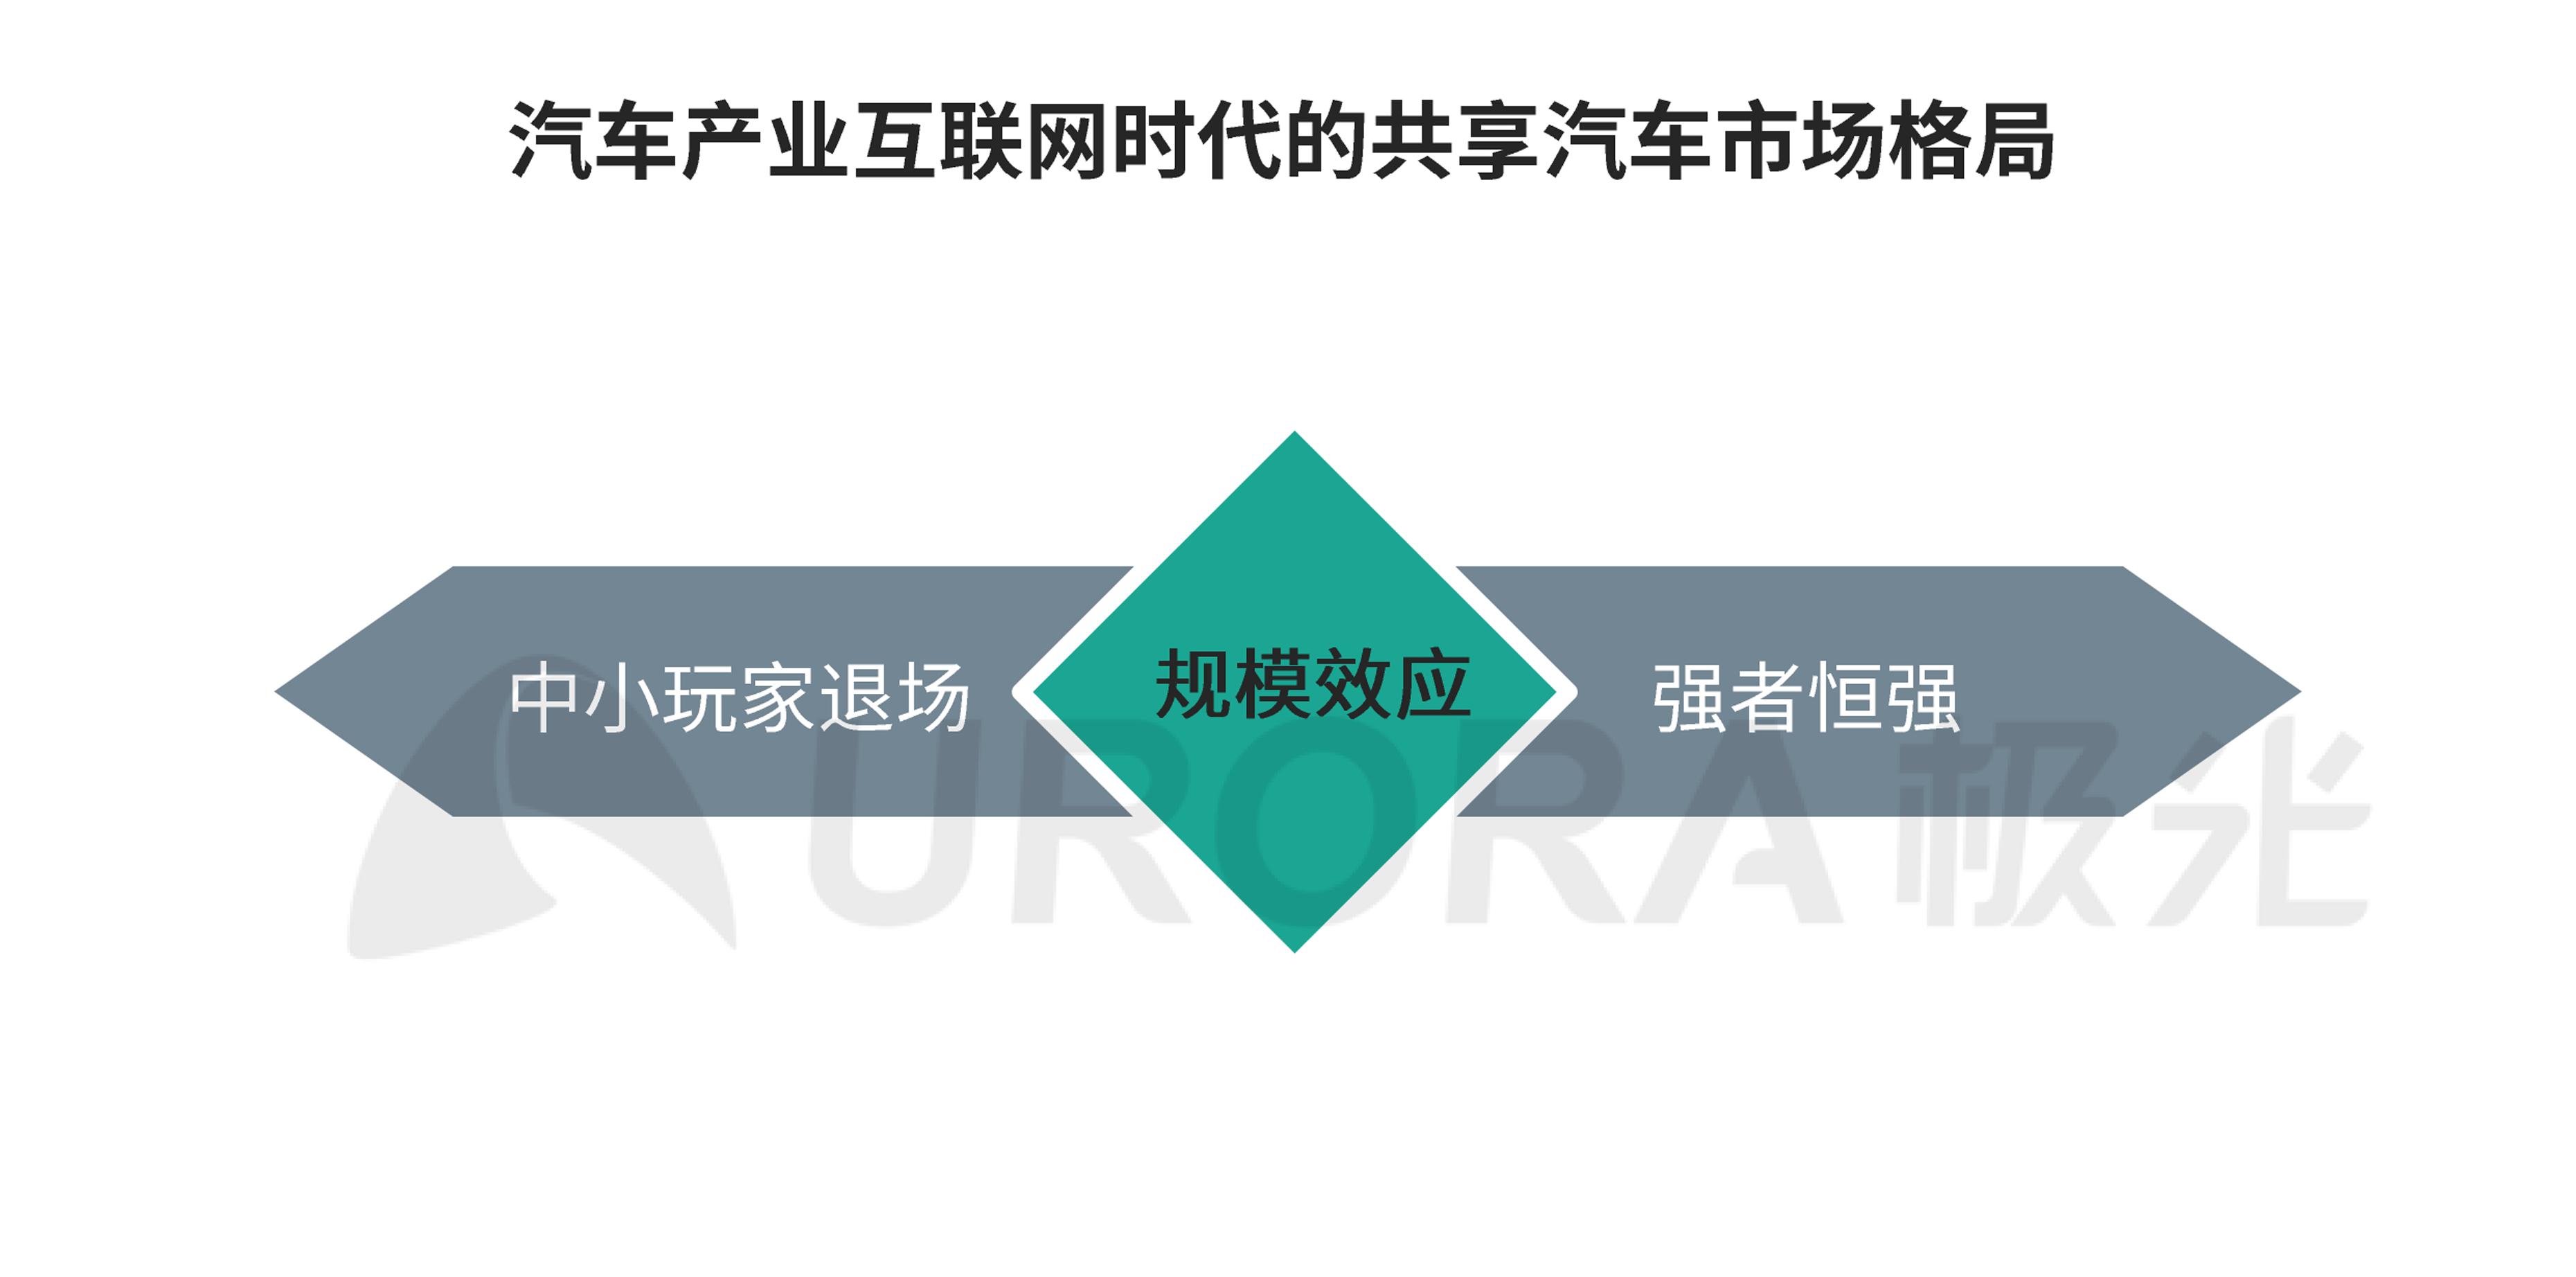 极光:汽车产业新格局 (32).png